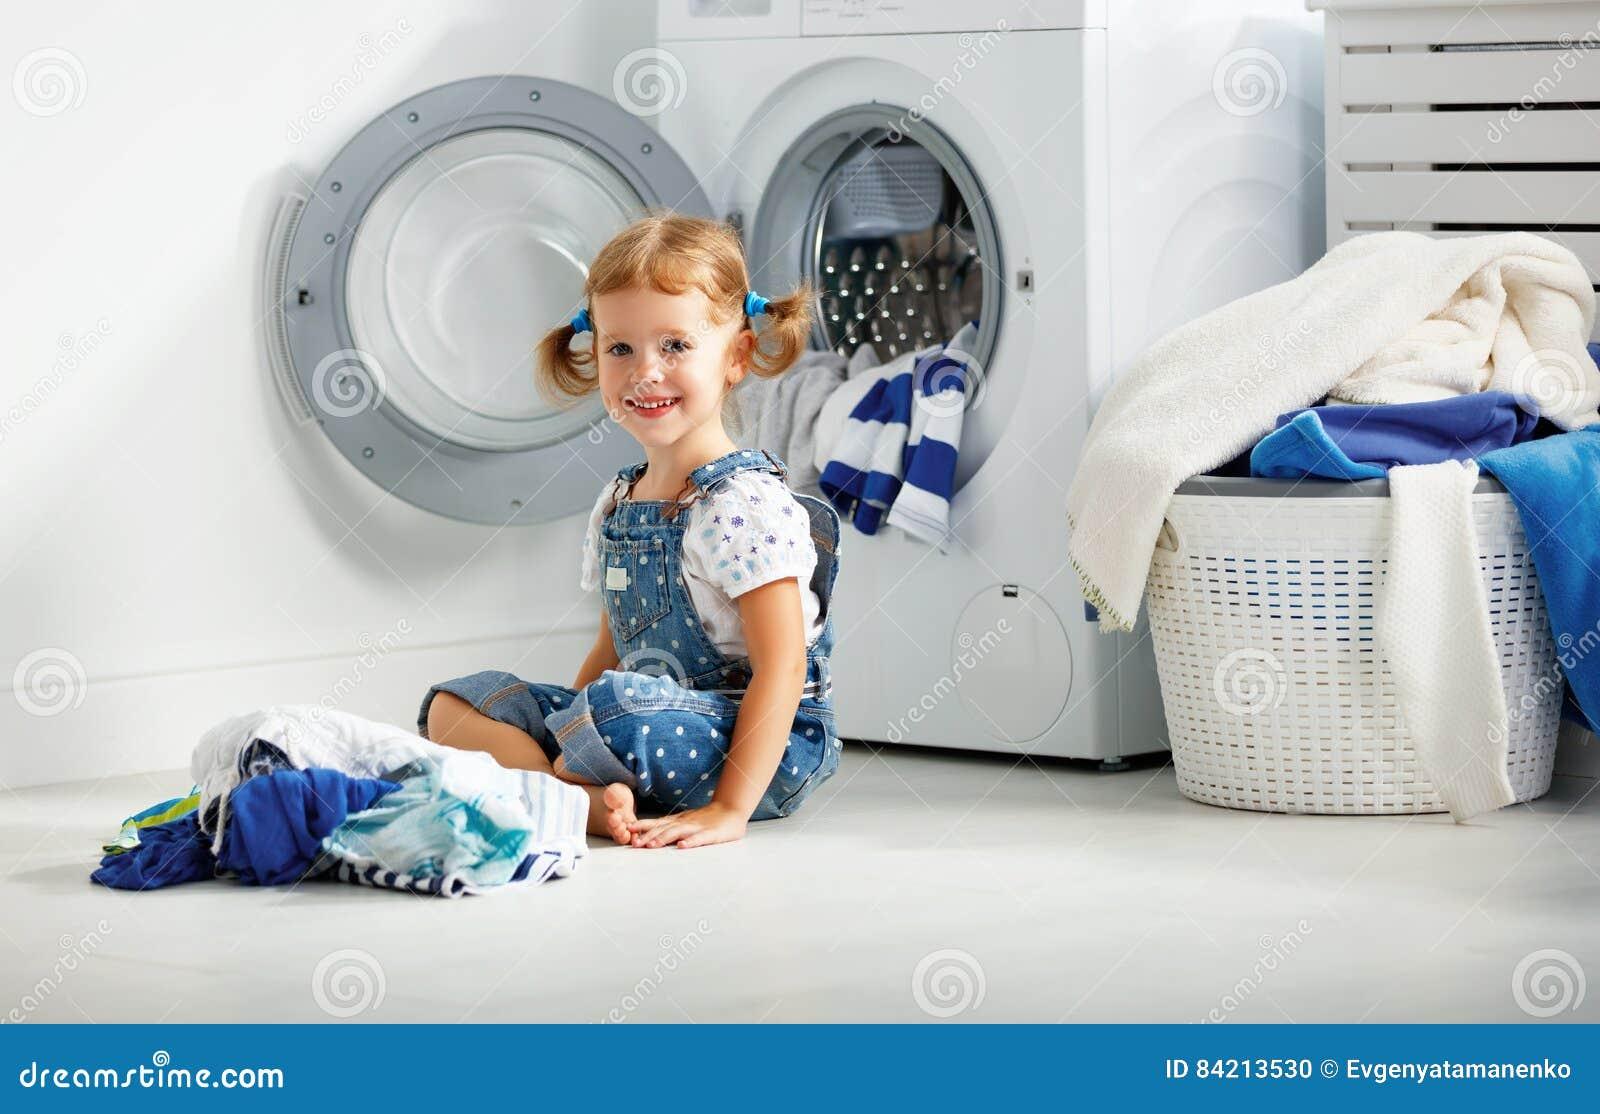 Fille heureuse d amusement d enfant petite pour laver des vêtements dans la buanderie